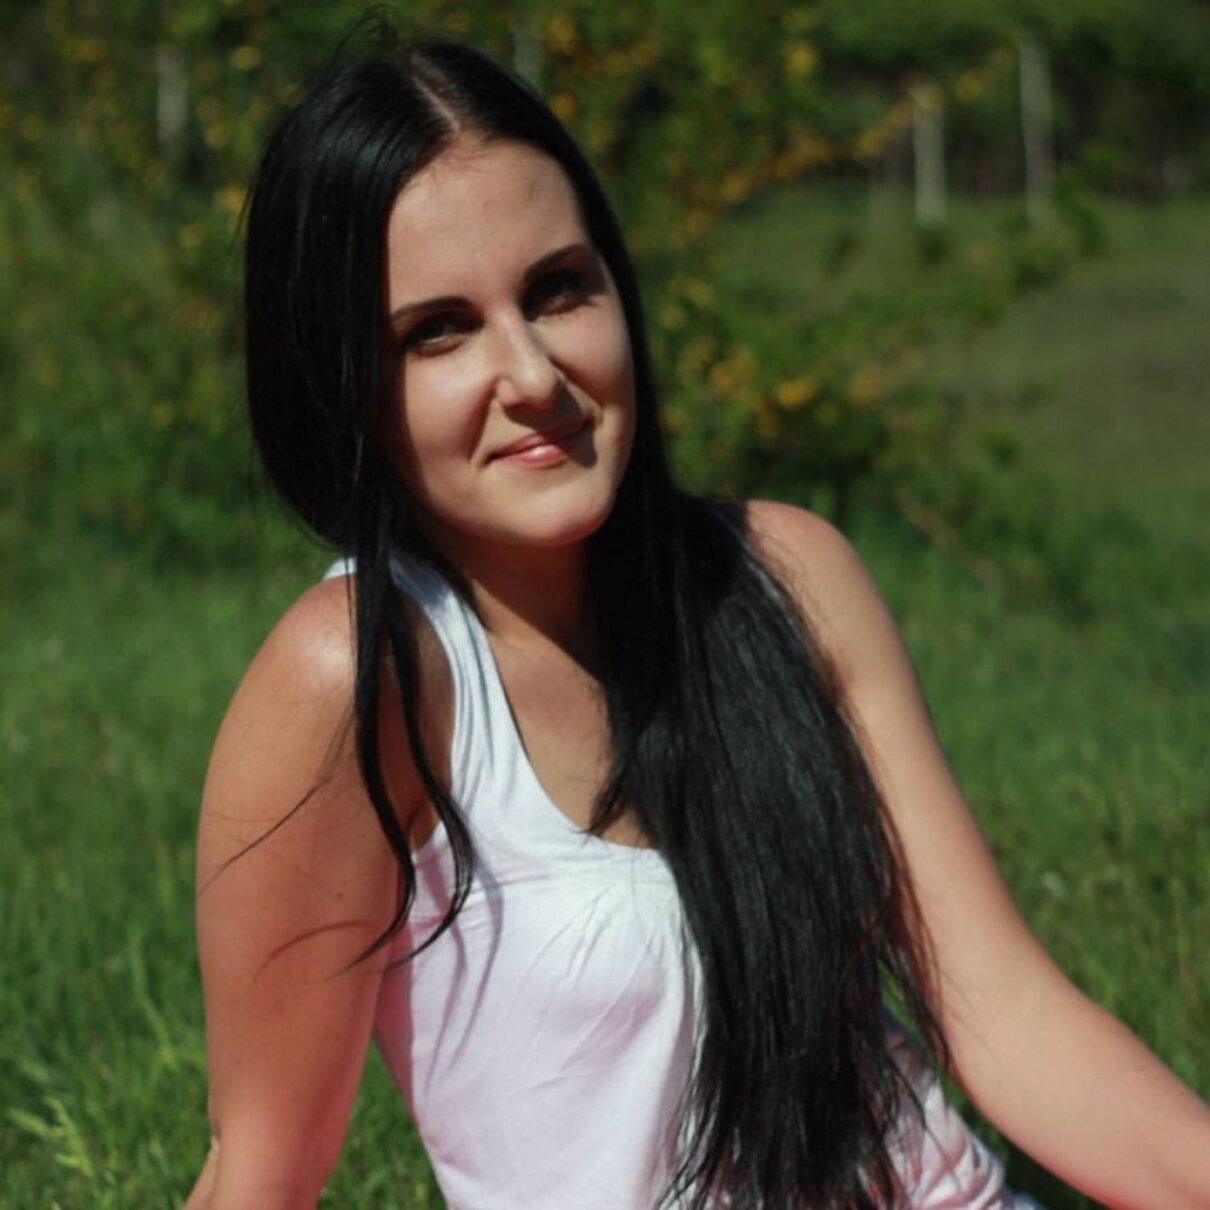 Жалоба-отзыв: Мельникова Лилия Анатольевна - Мошенница Запорожье.  Фото №5